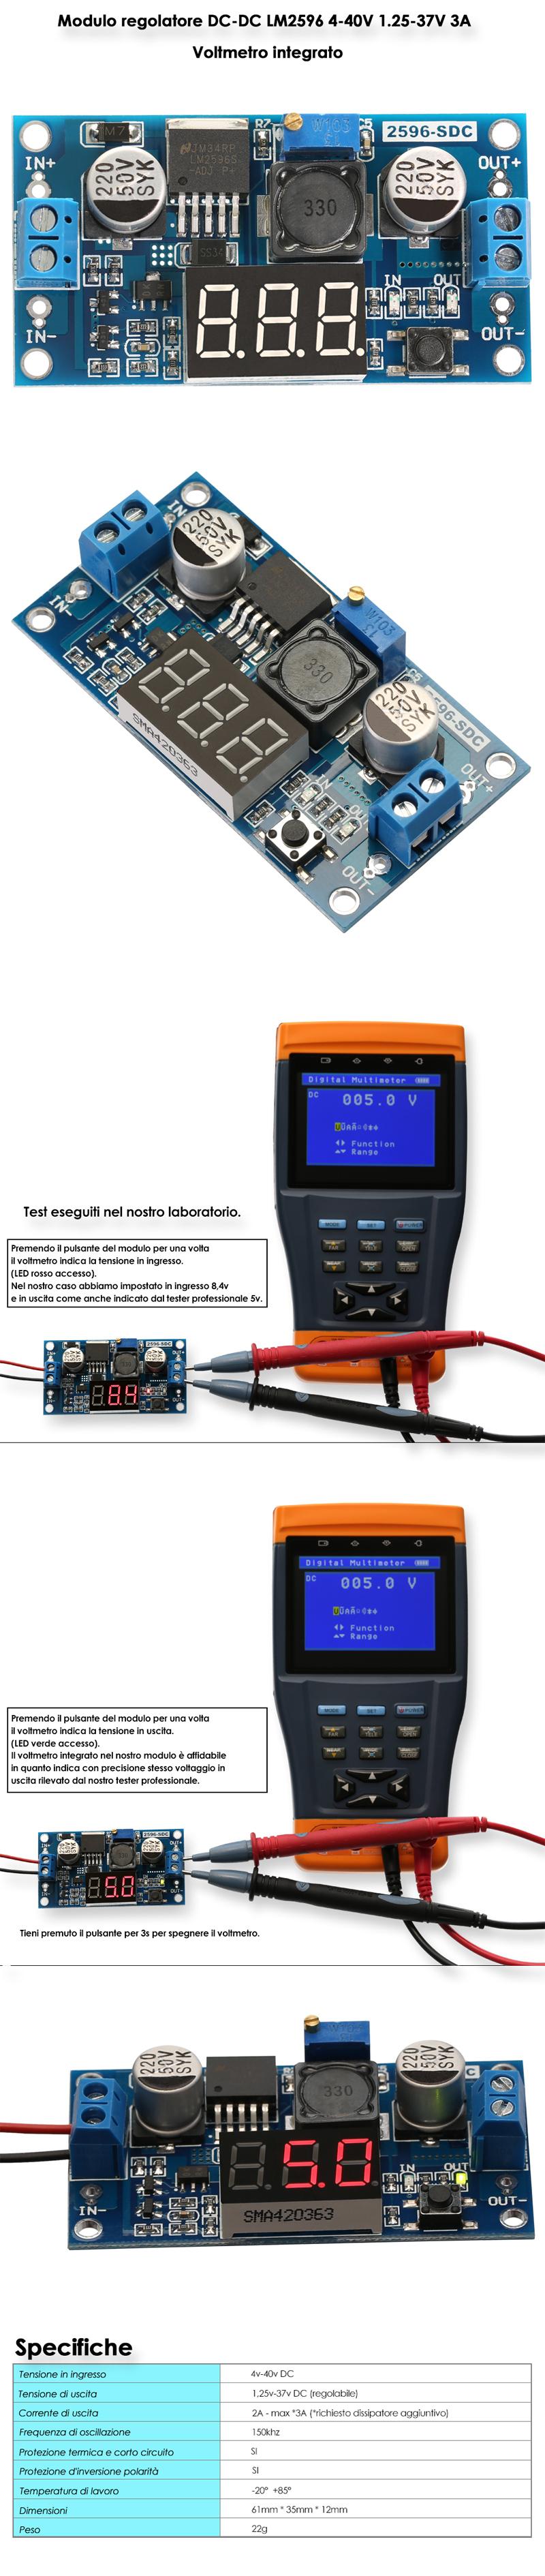 regolatore-di-tensione-con-voltmetro-12v-to-5v-accessori-per-fpv-007-systems-lm2596-step-down